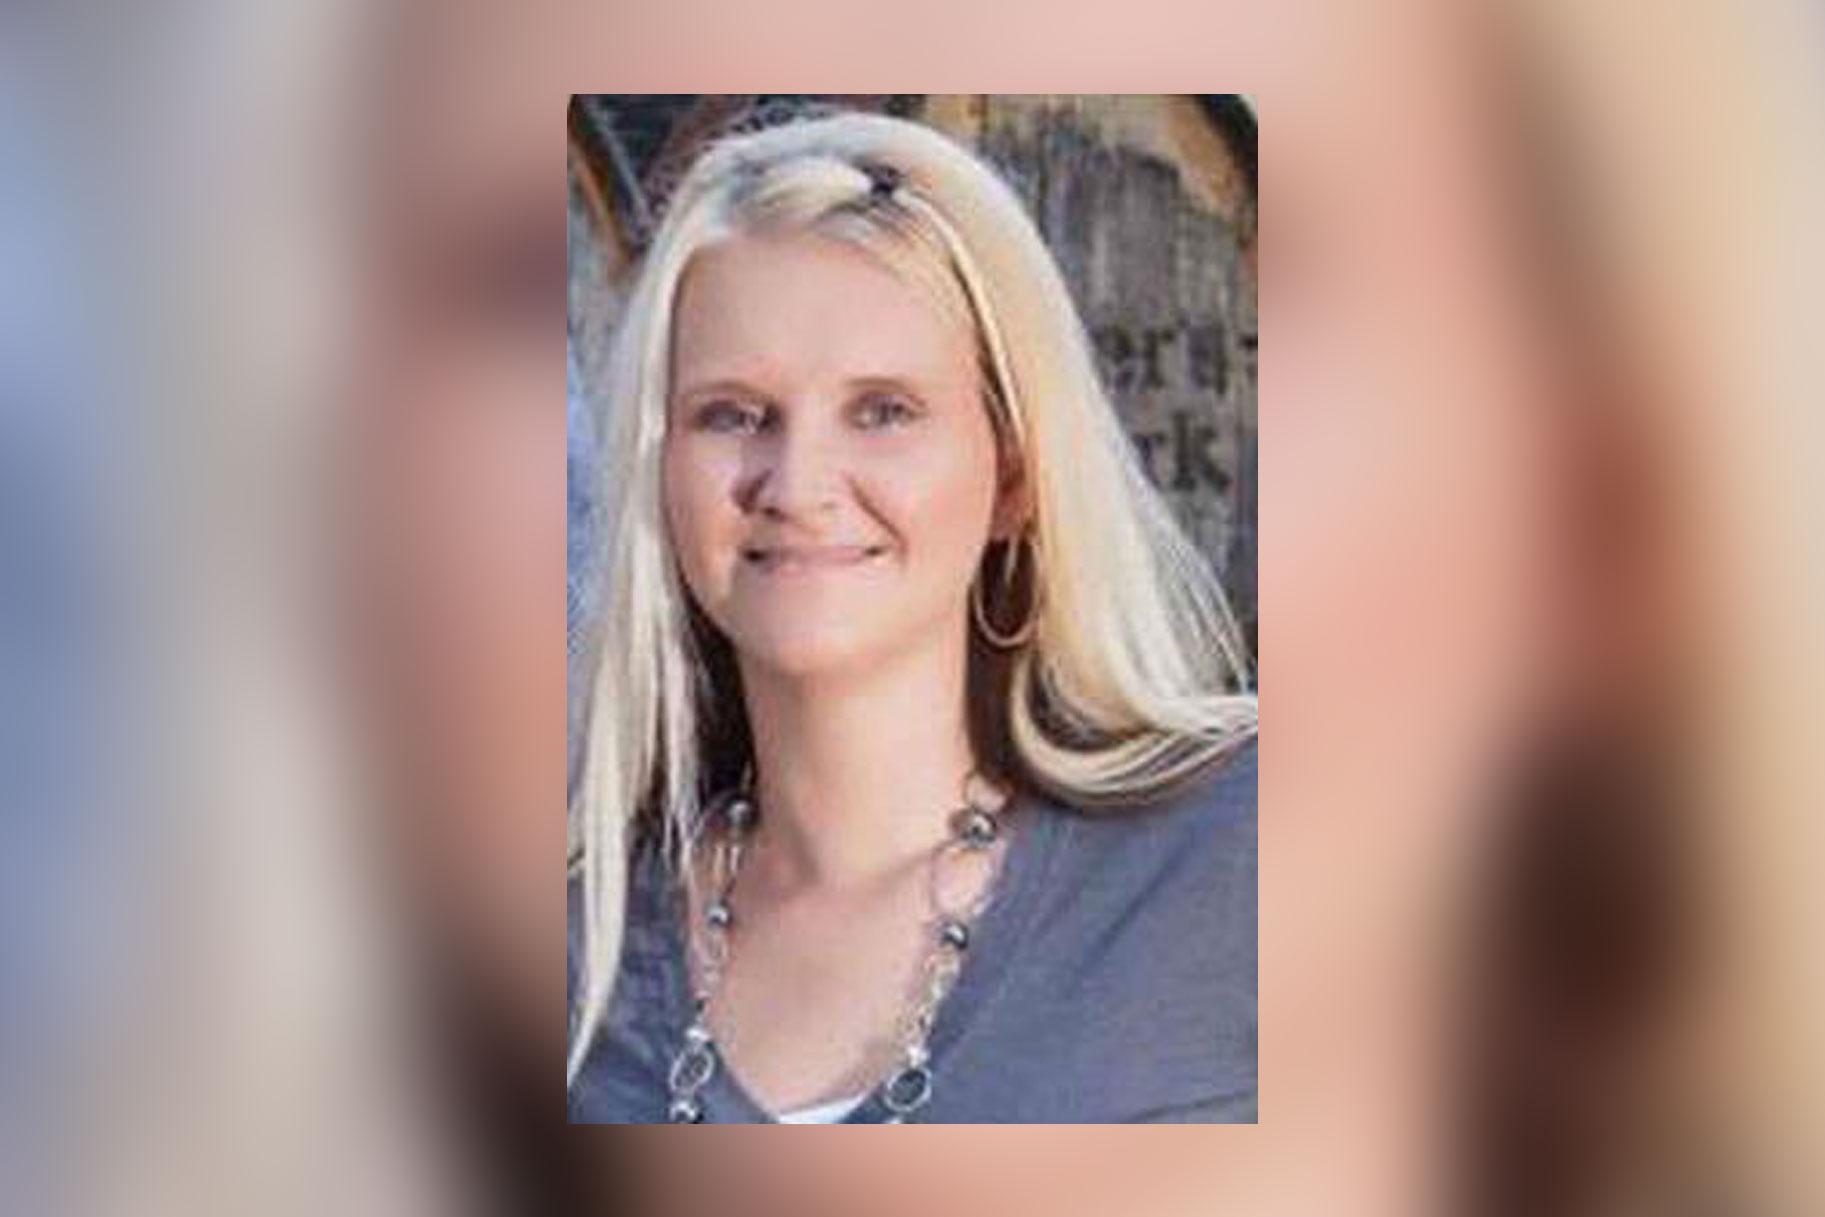 Nuevo podcast aborda 5 asesinatos sin resolver en la pequeña ciudad de Kentucky, incluido el caso de Crystal Rogers